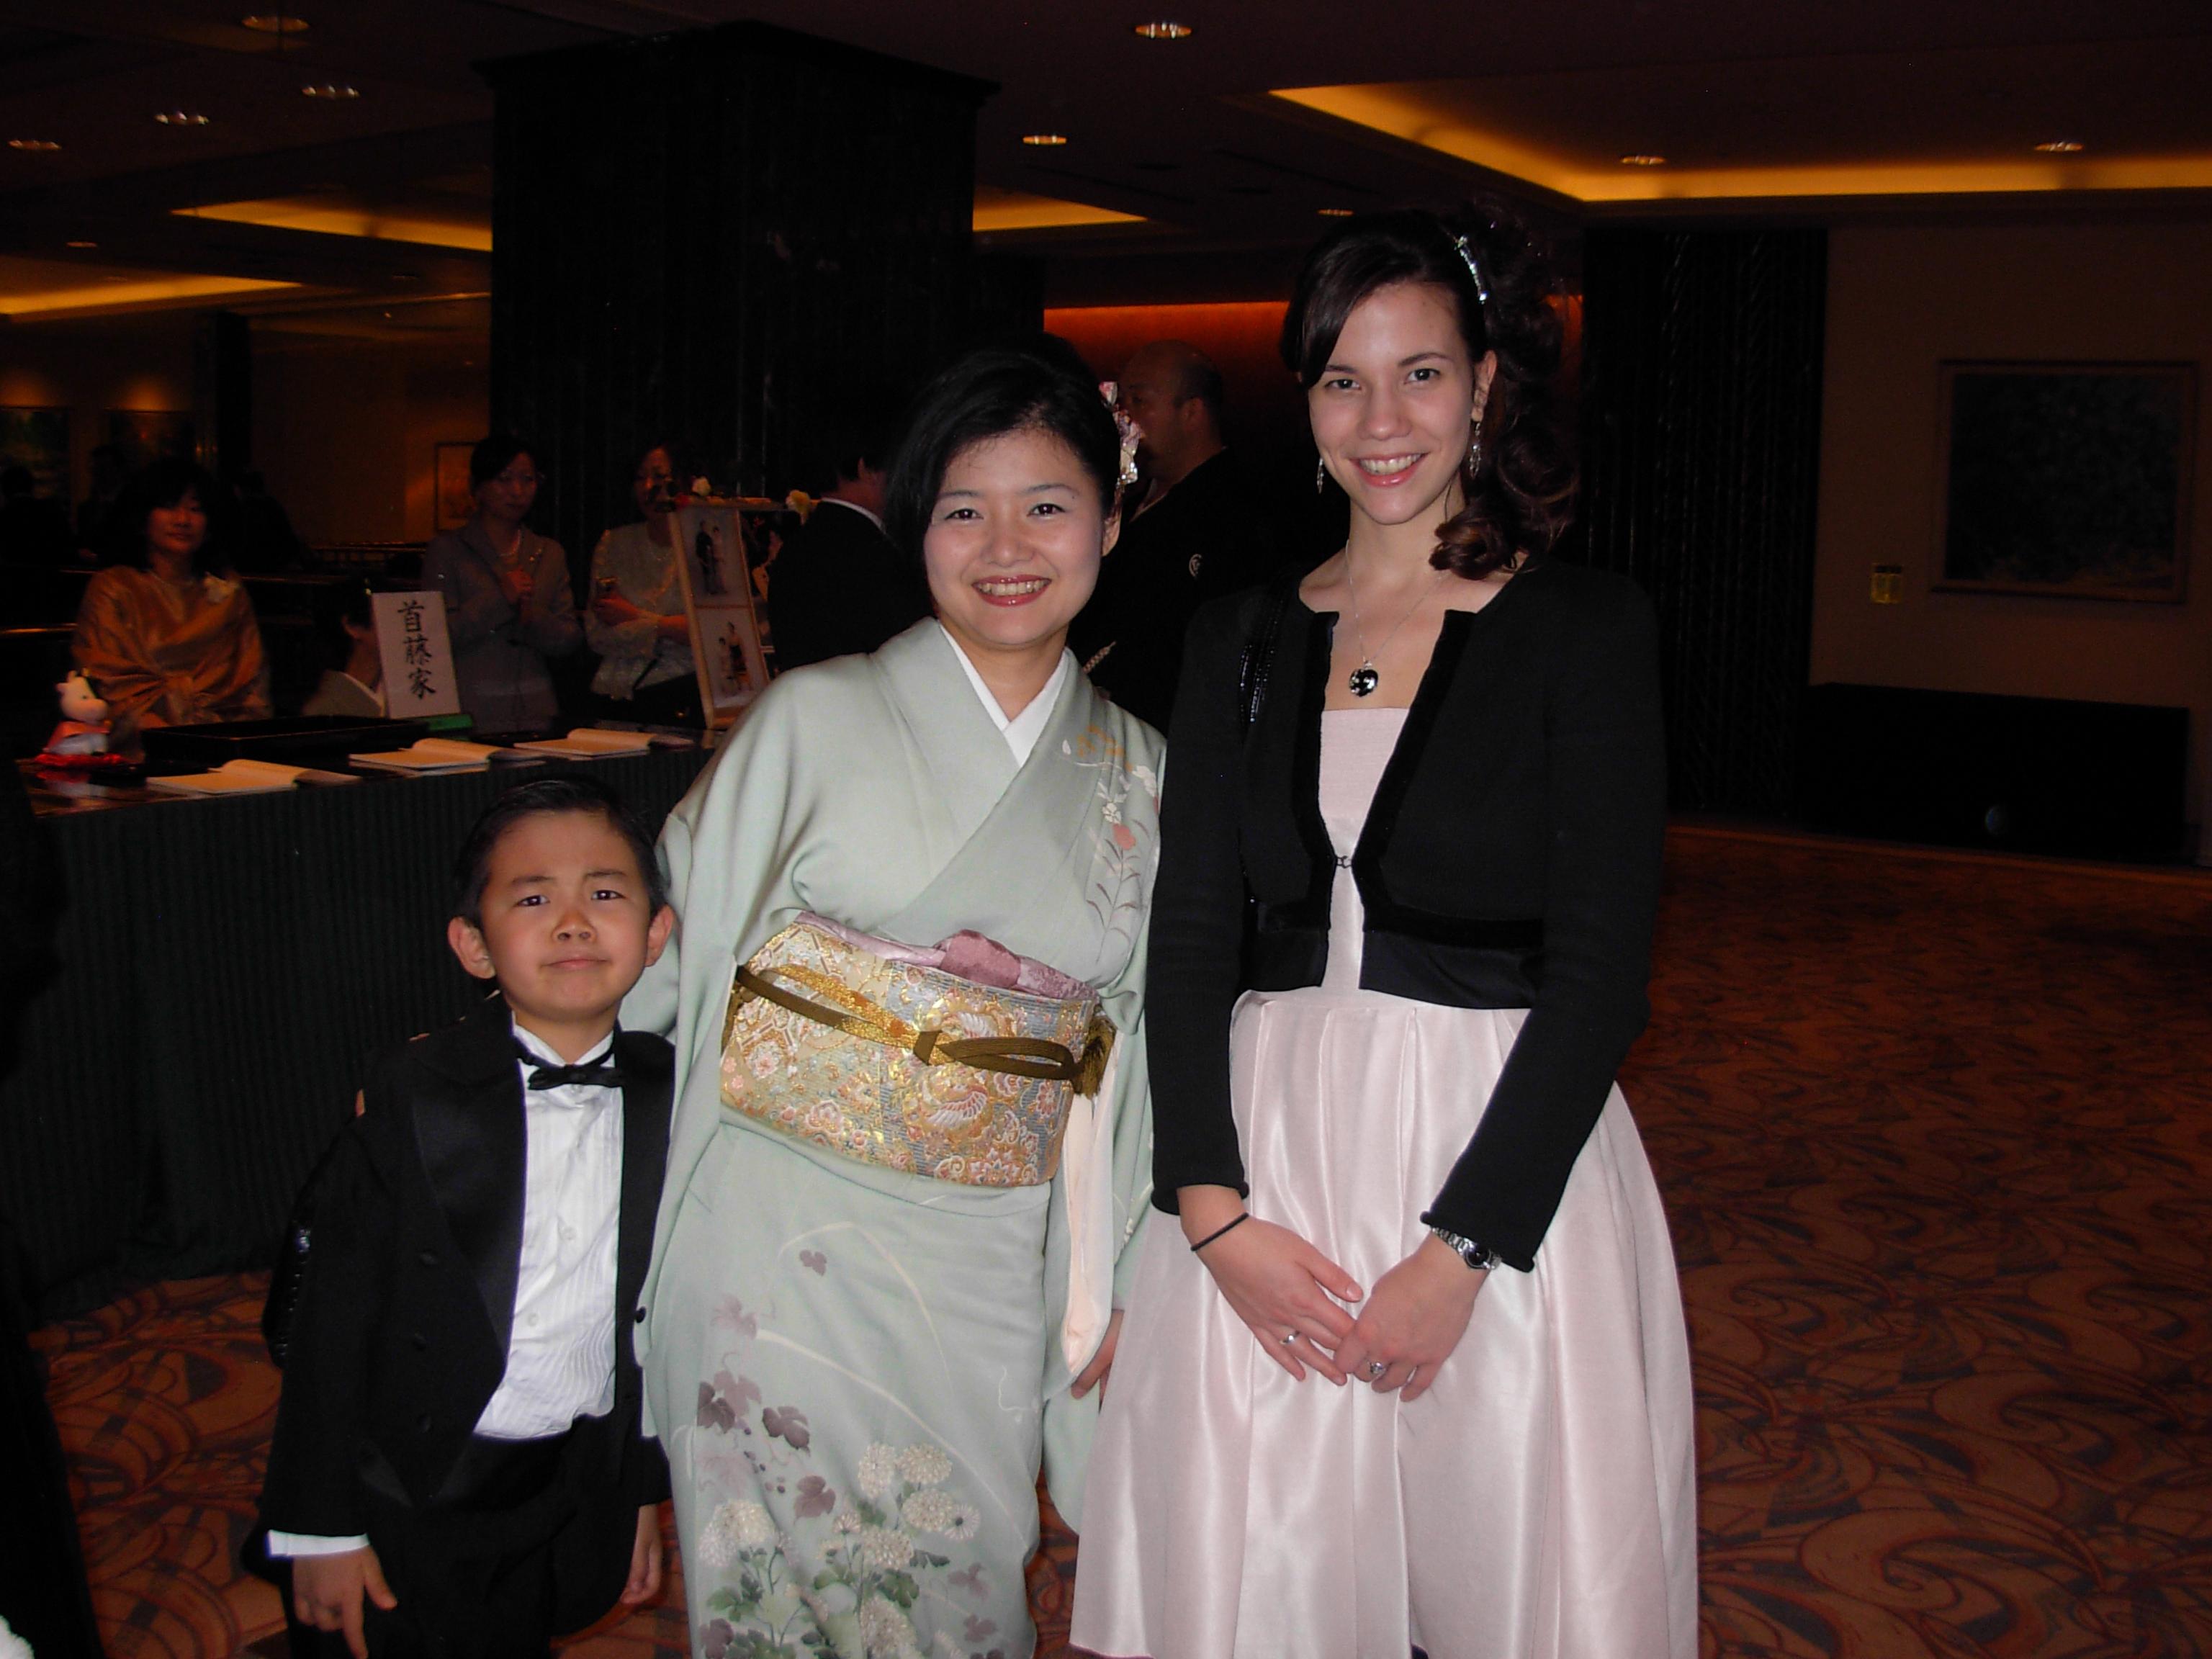 Sumo wedding